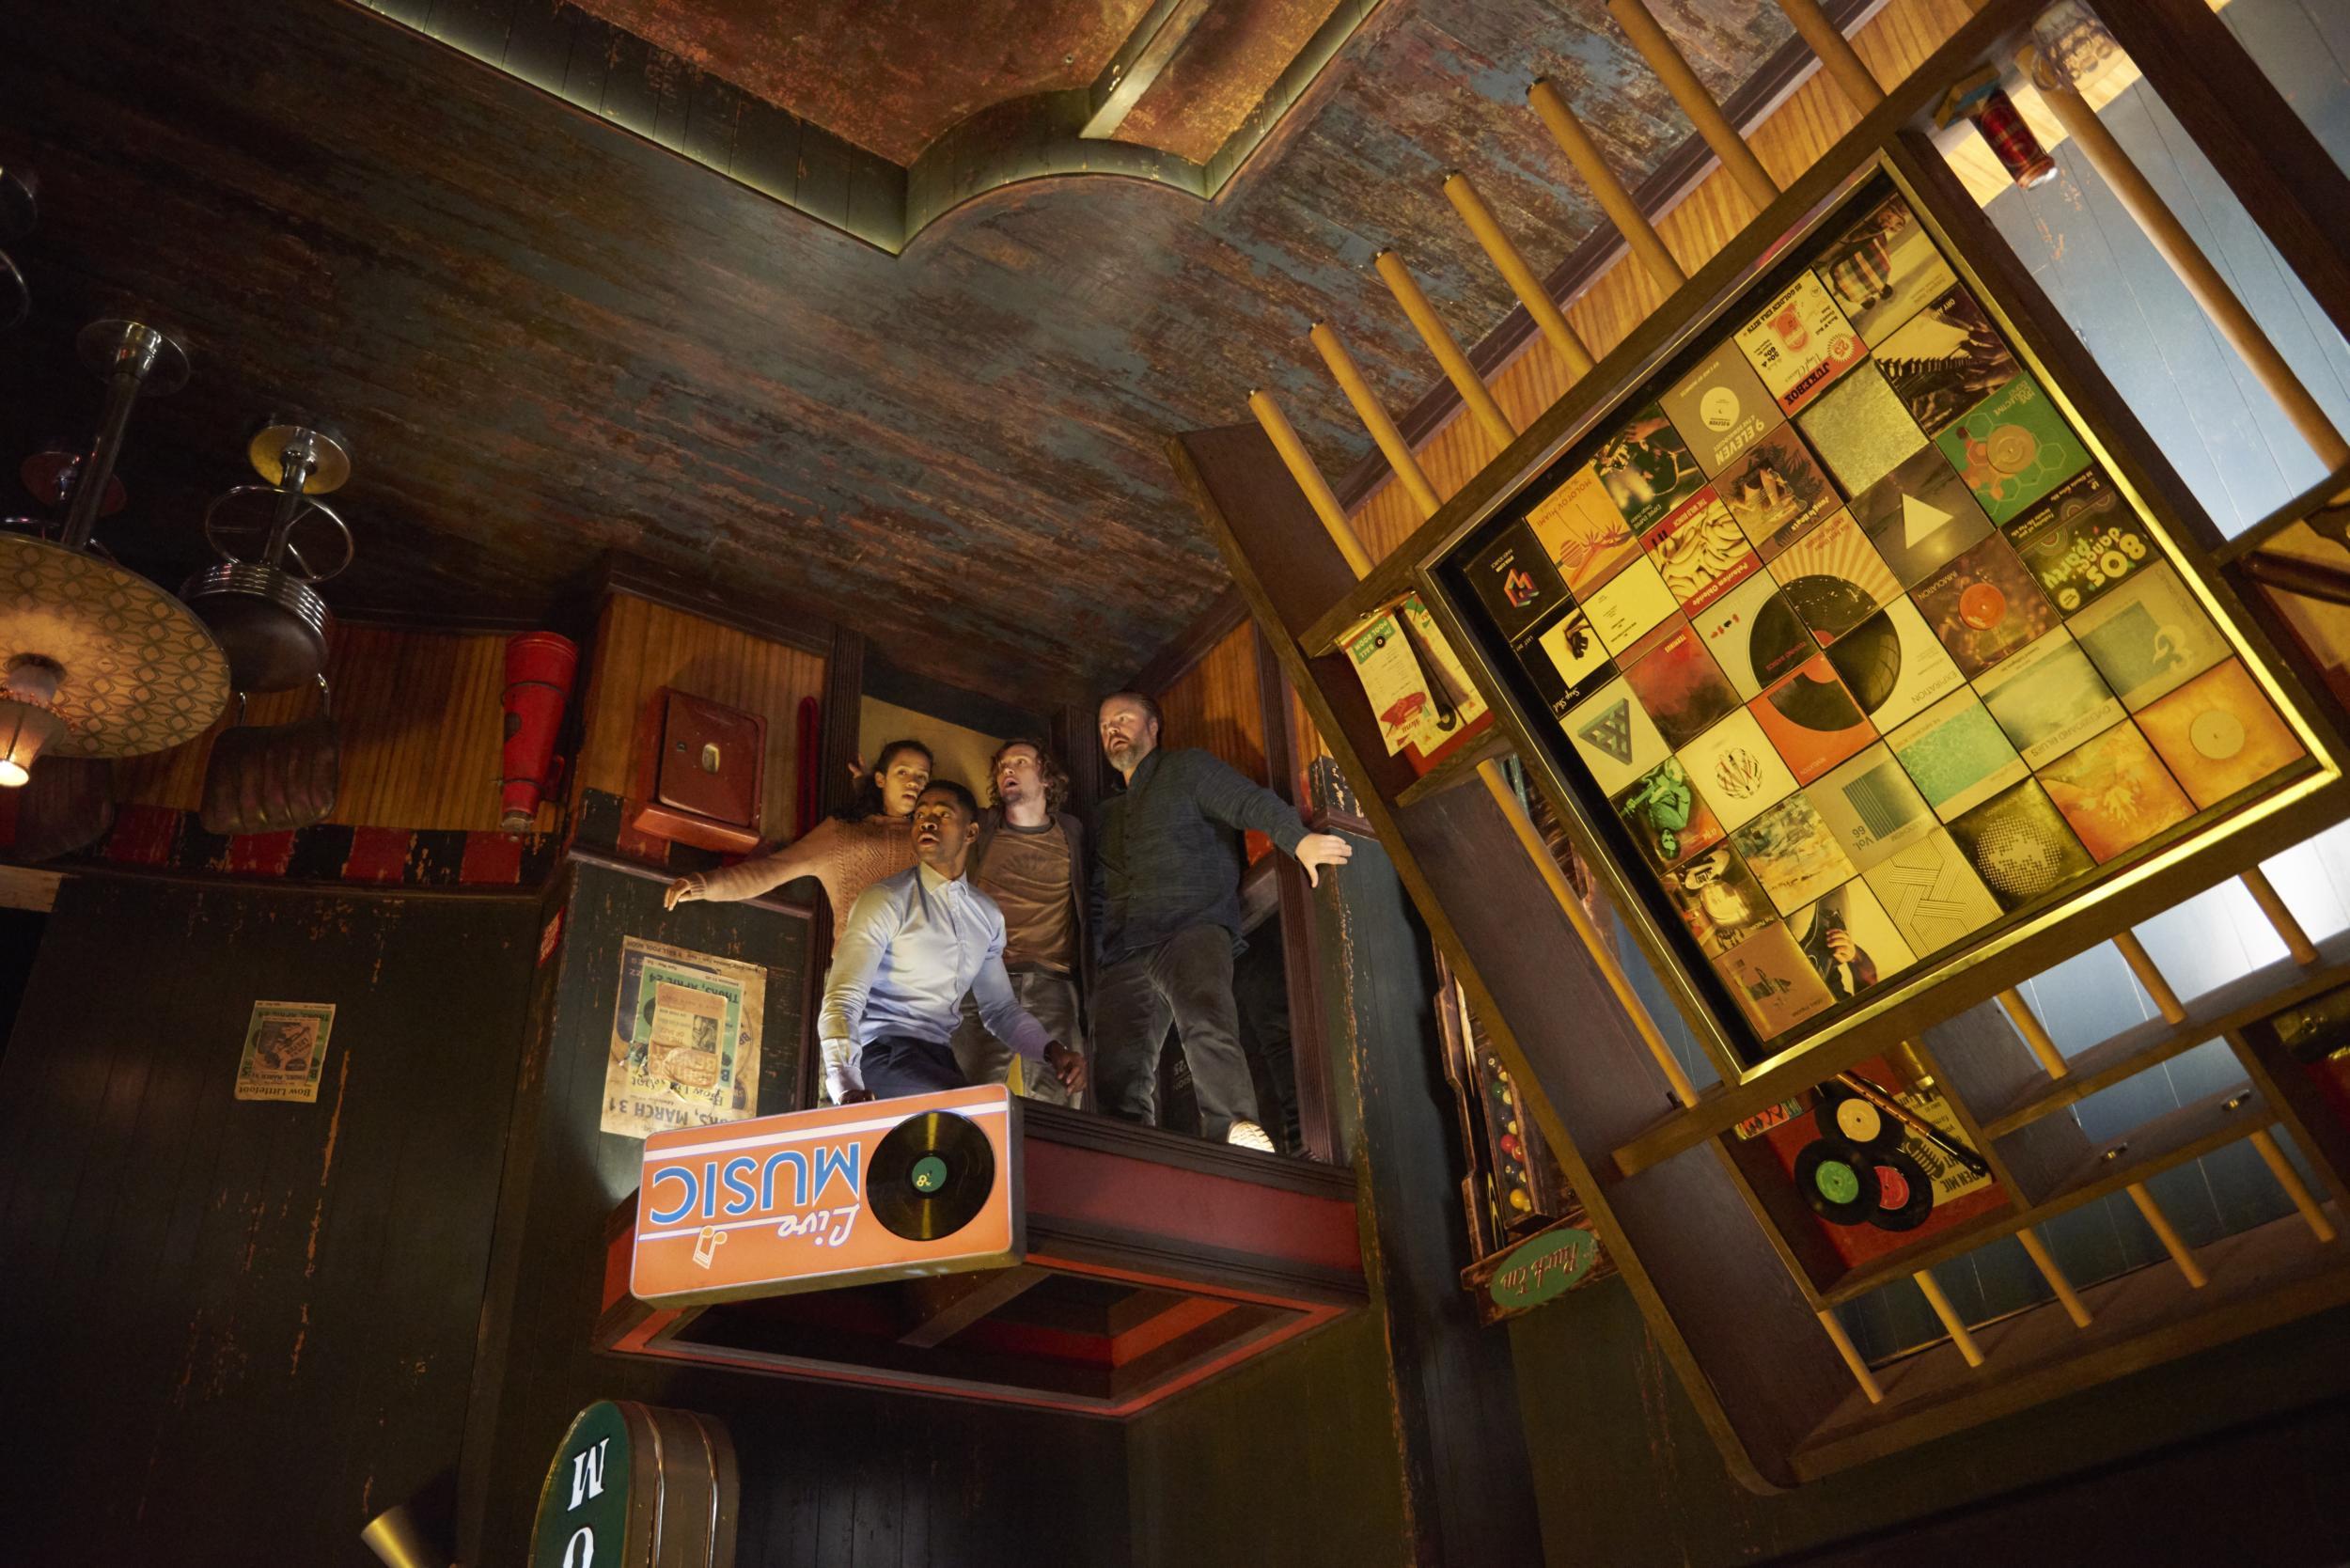 escape room 8 ball